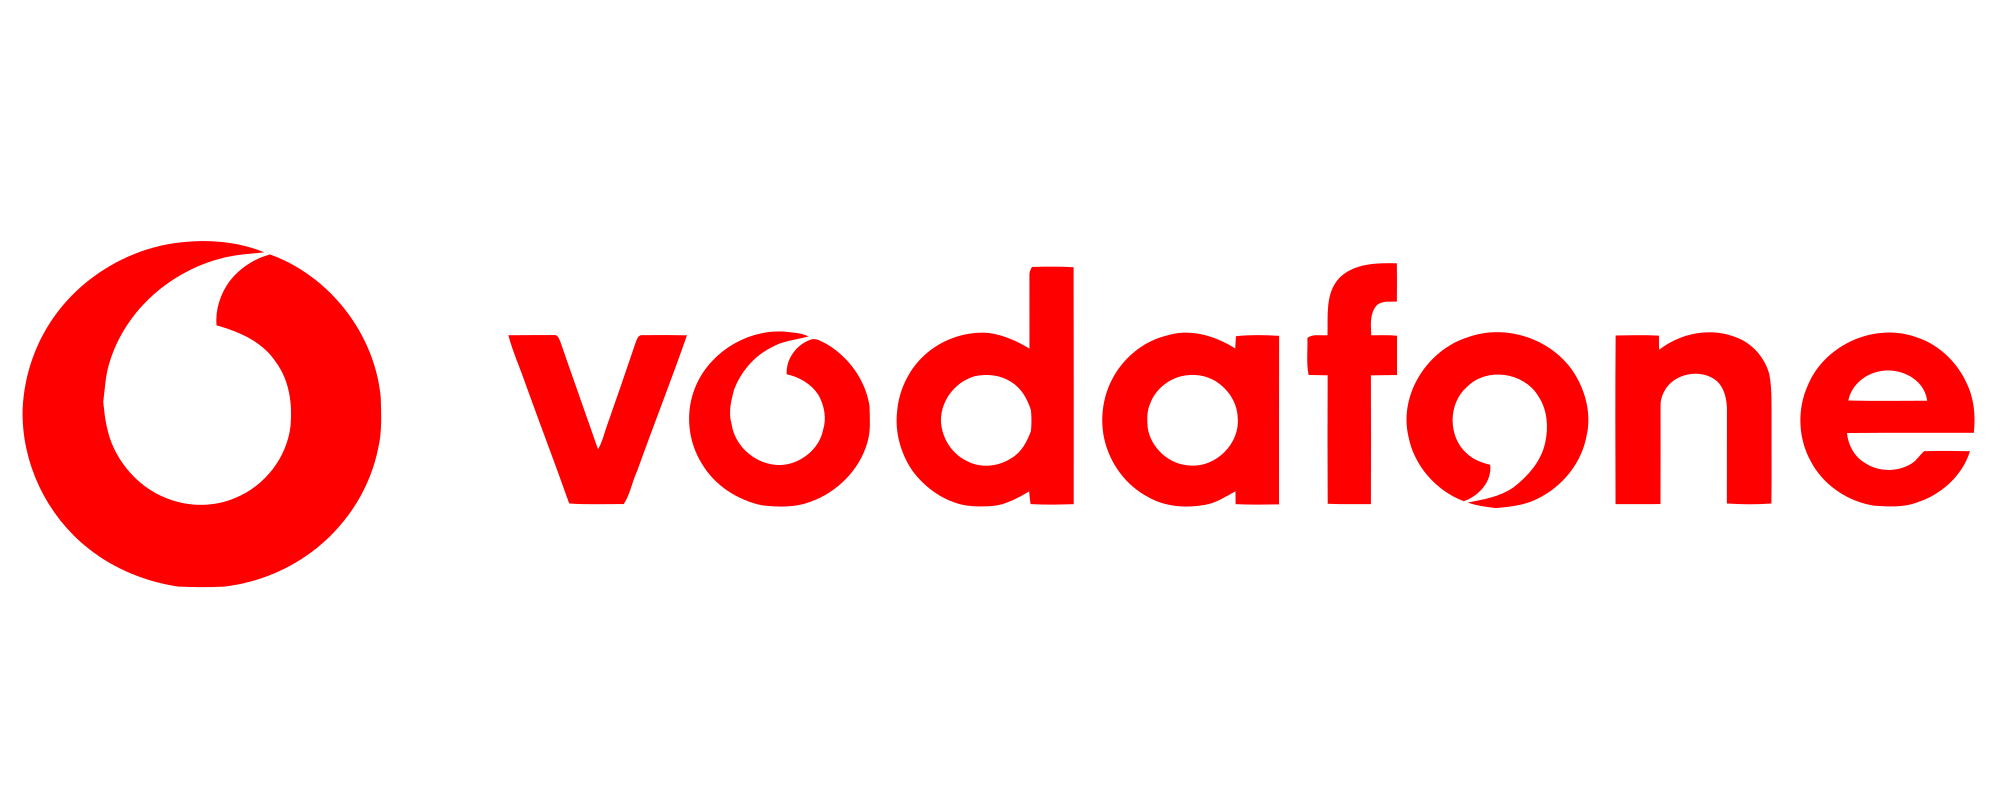 Vodafone PNG Transparent Vodafone.PNG Images..